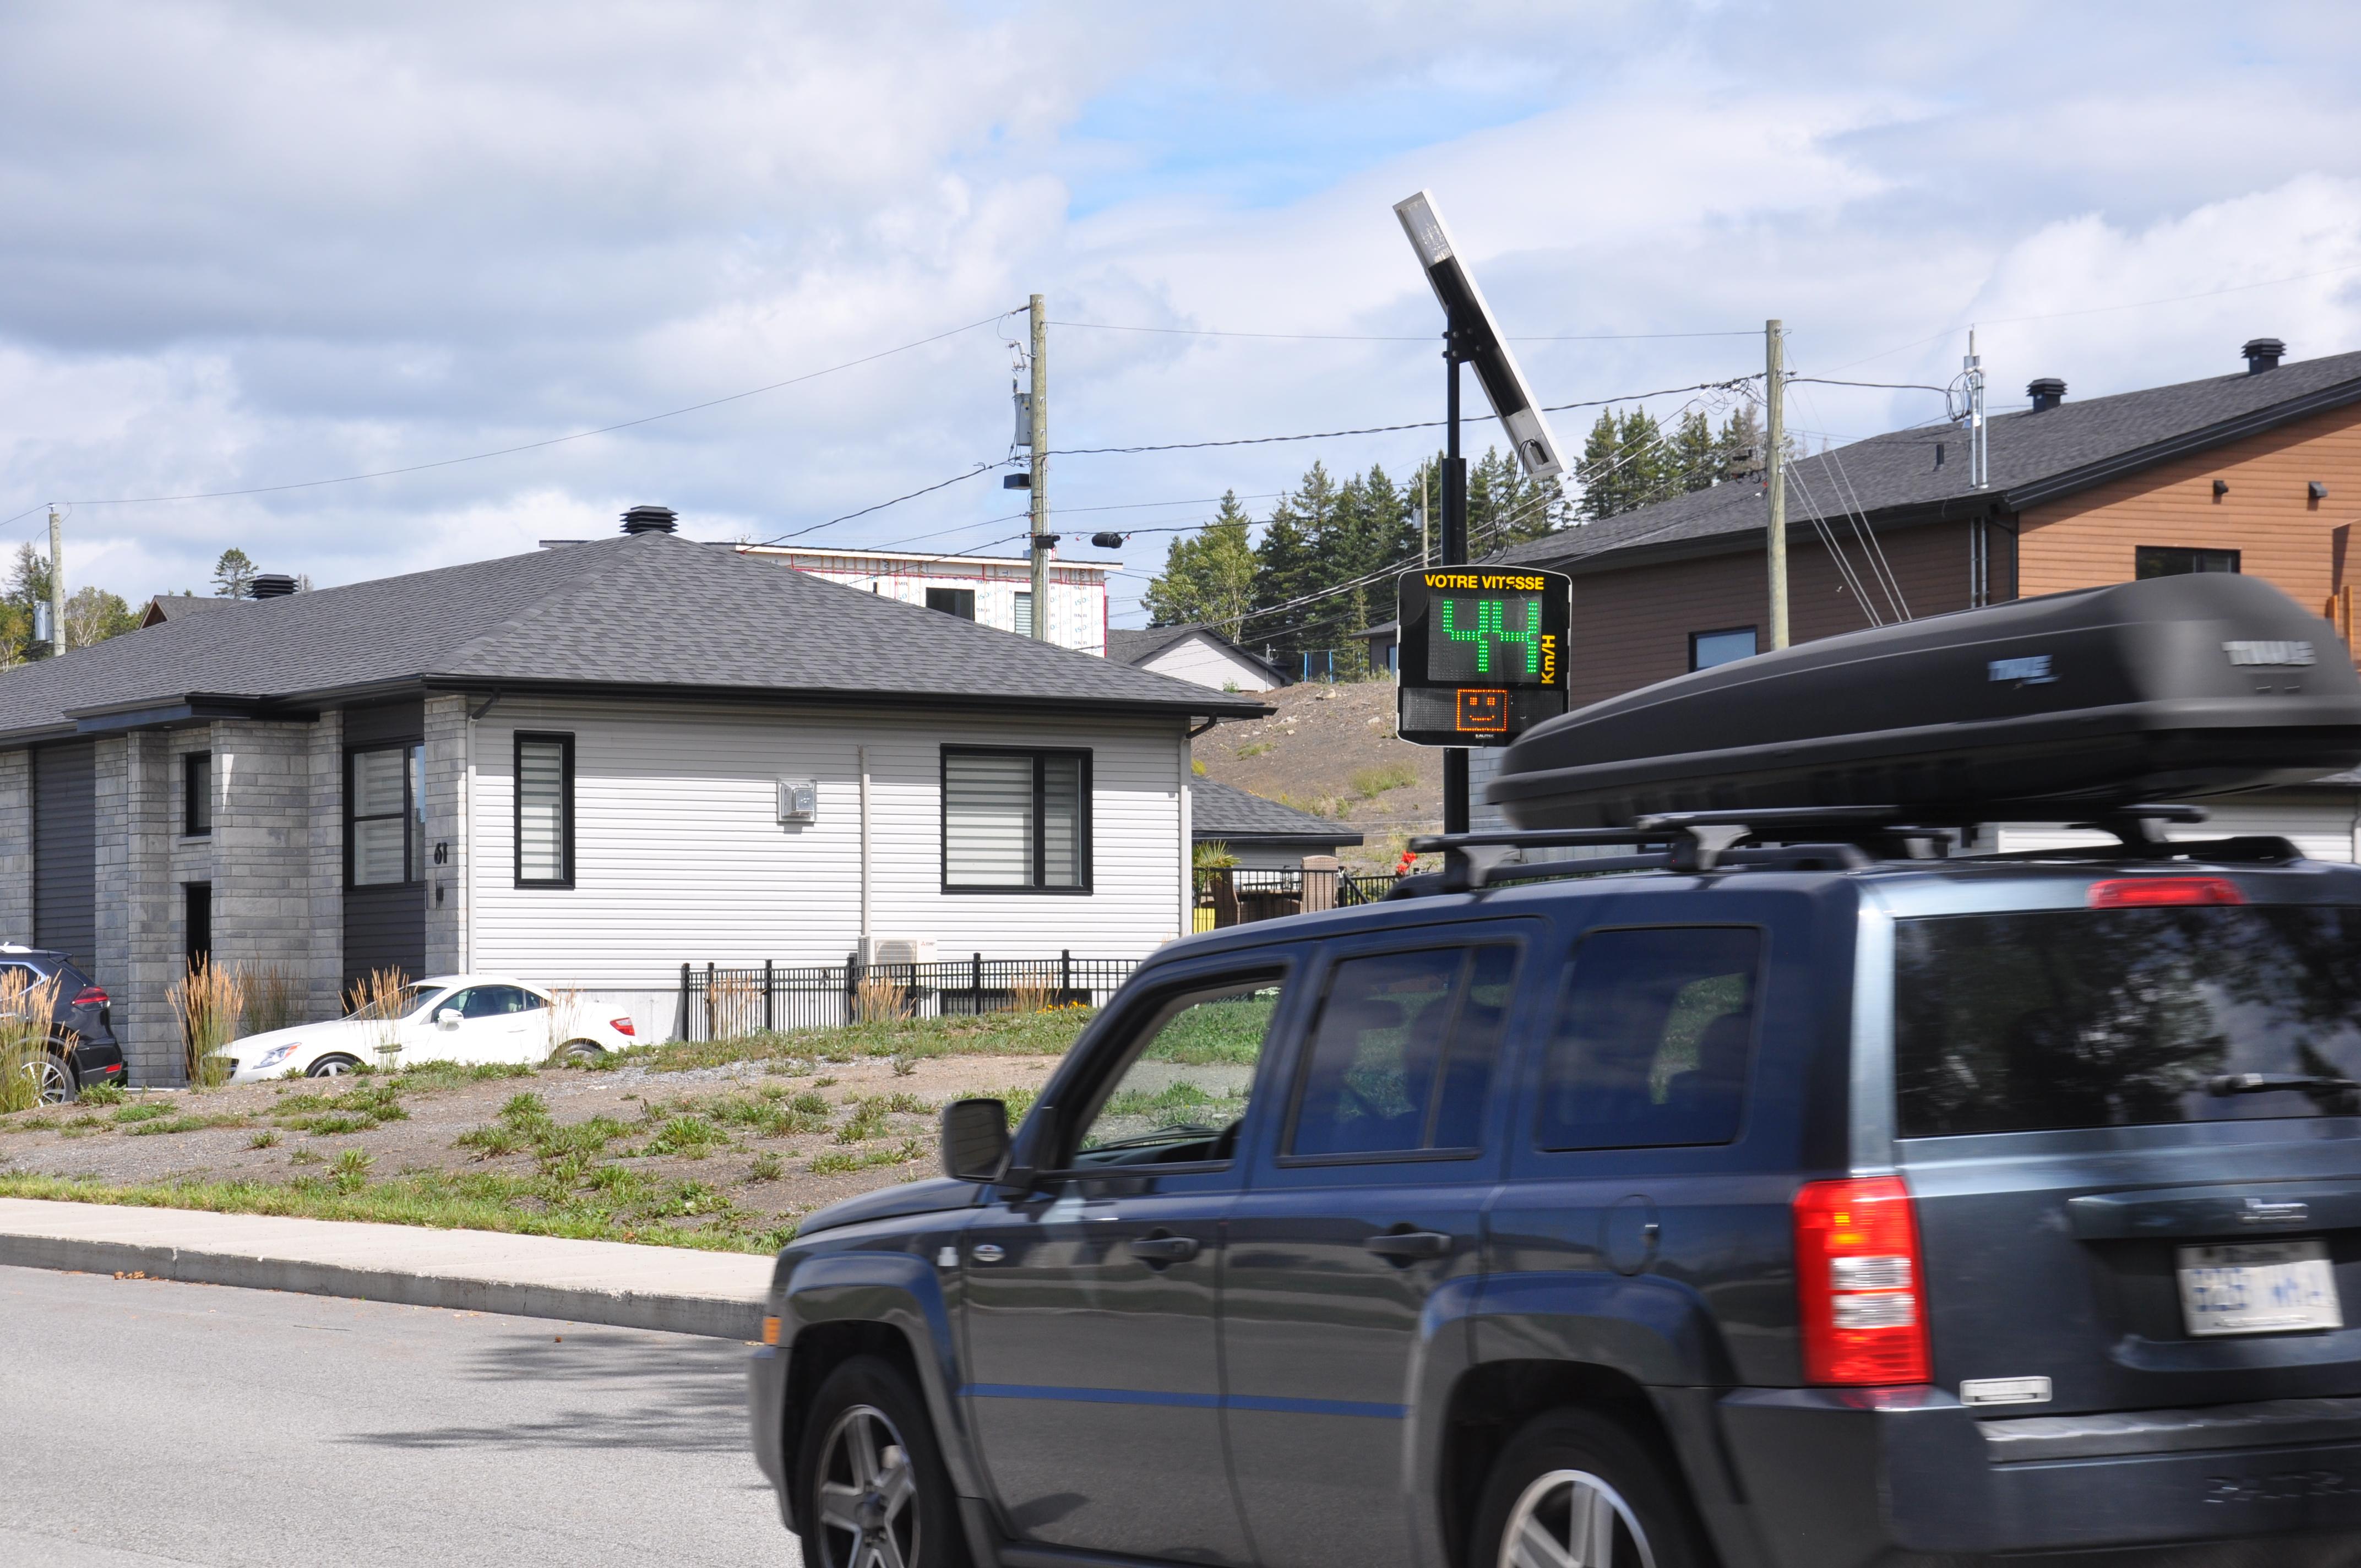 Le maire de Rimouski, Marc Parent, assure que des mesures sont prises pour faire diminuer la vitesse dans les secteurs résidentiels de Rimouski.